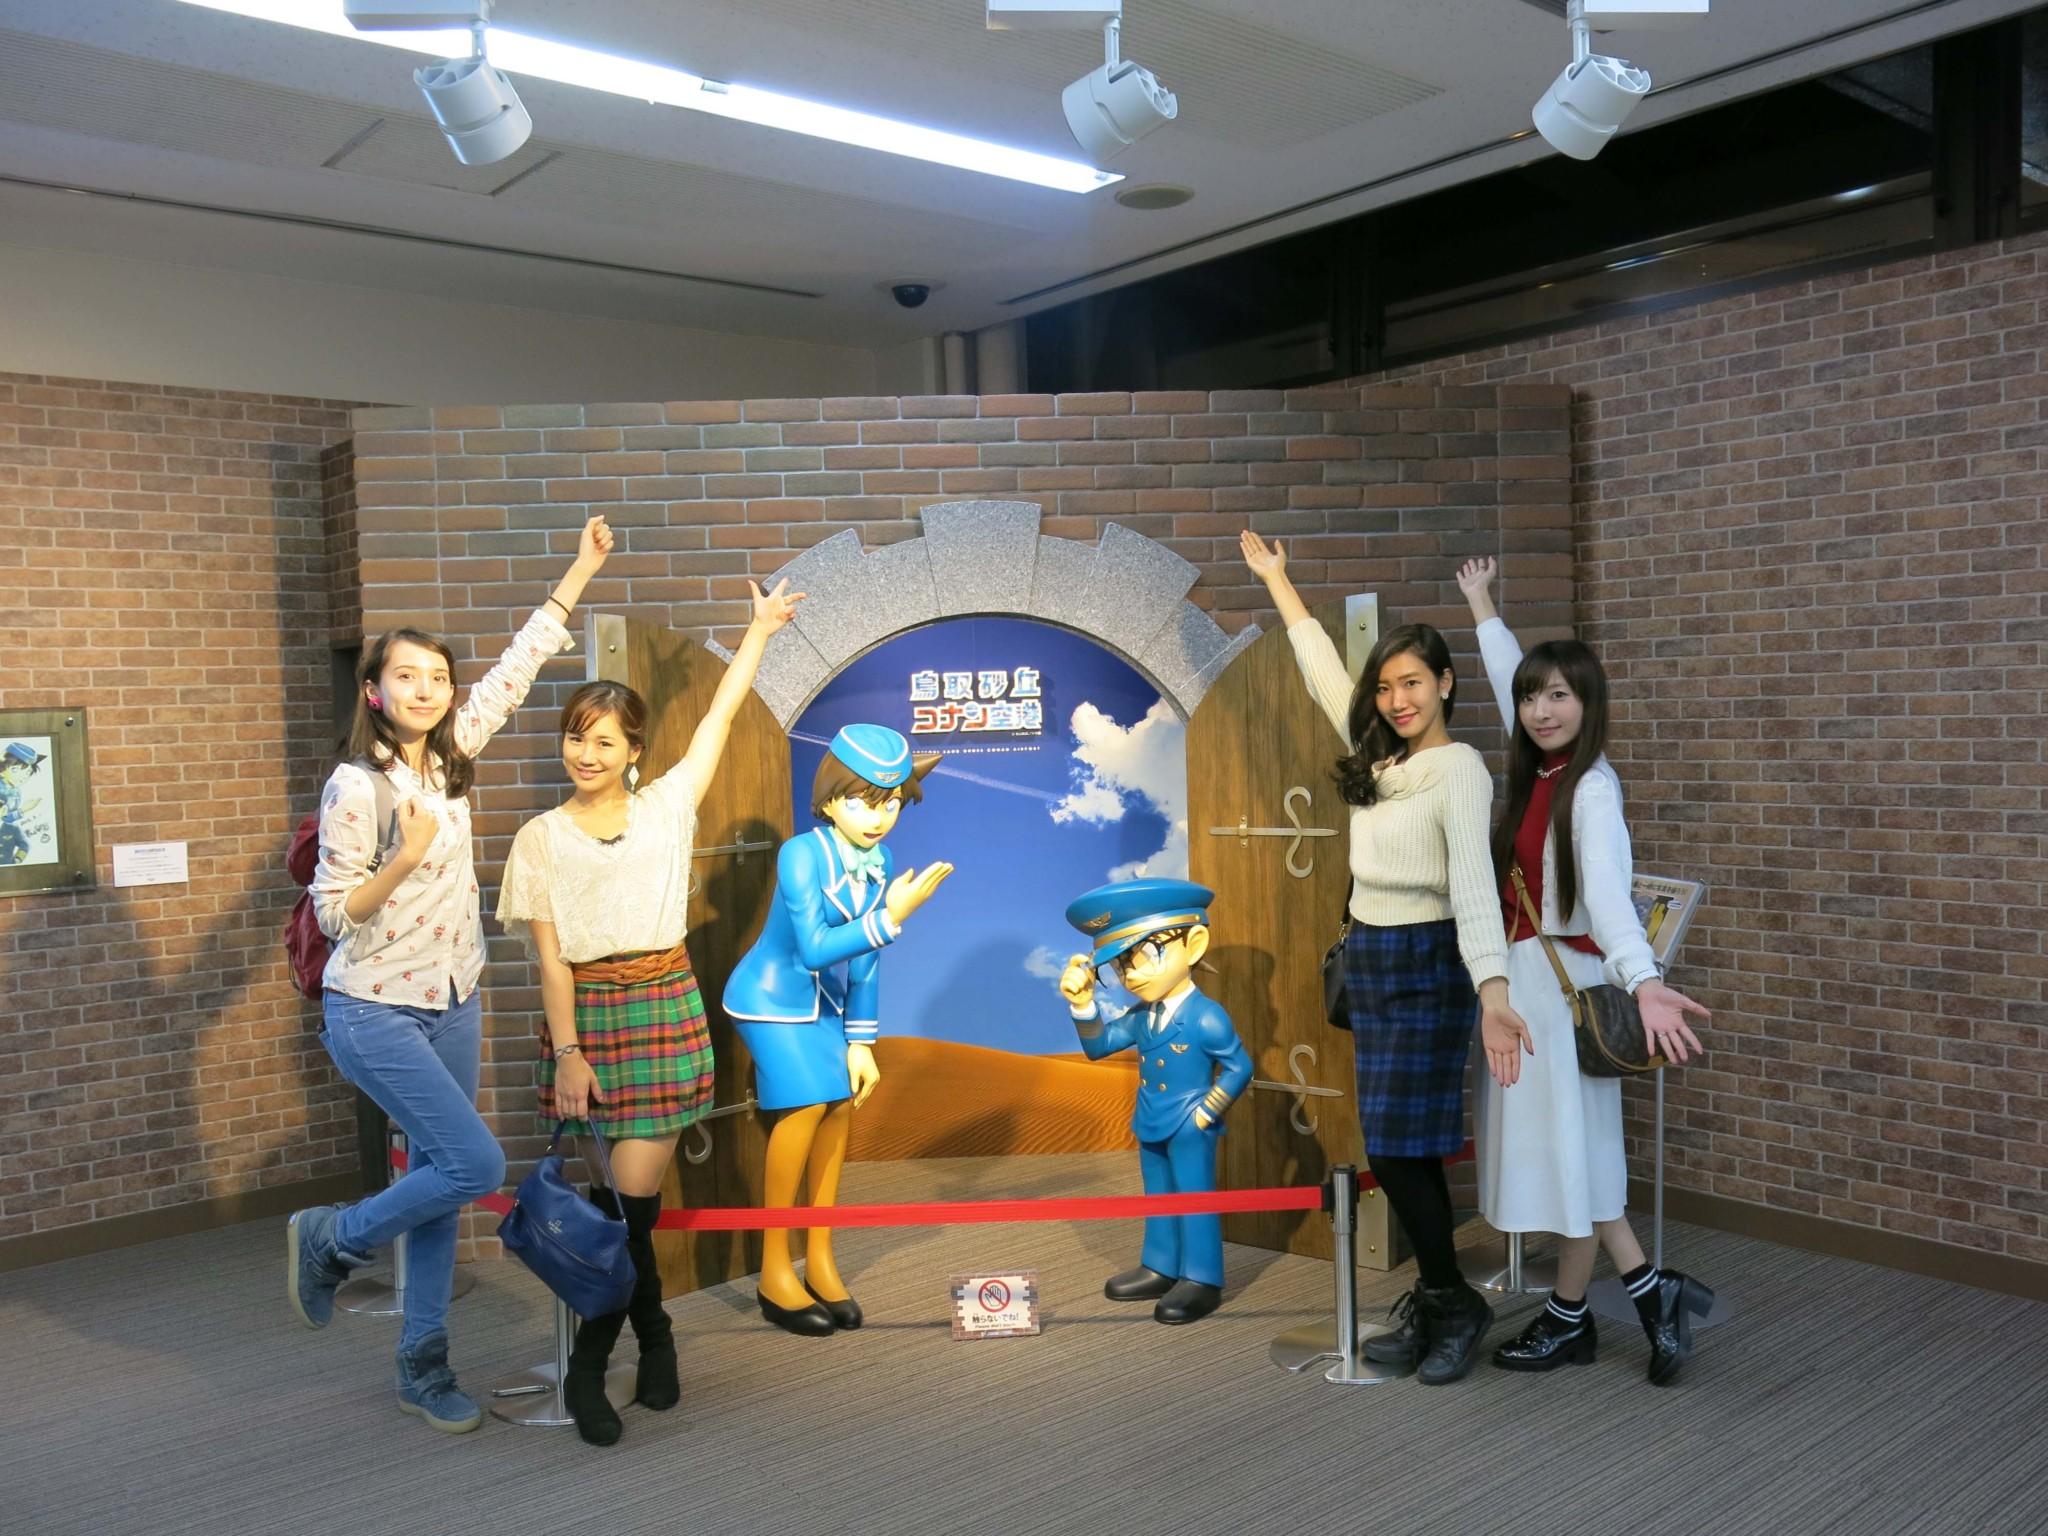 左から、斉藤アリス、尾谷萌さん(No.063)、御堂もにかさん(No.151)、五位渕のぞみさん(No.158)。